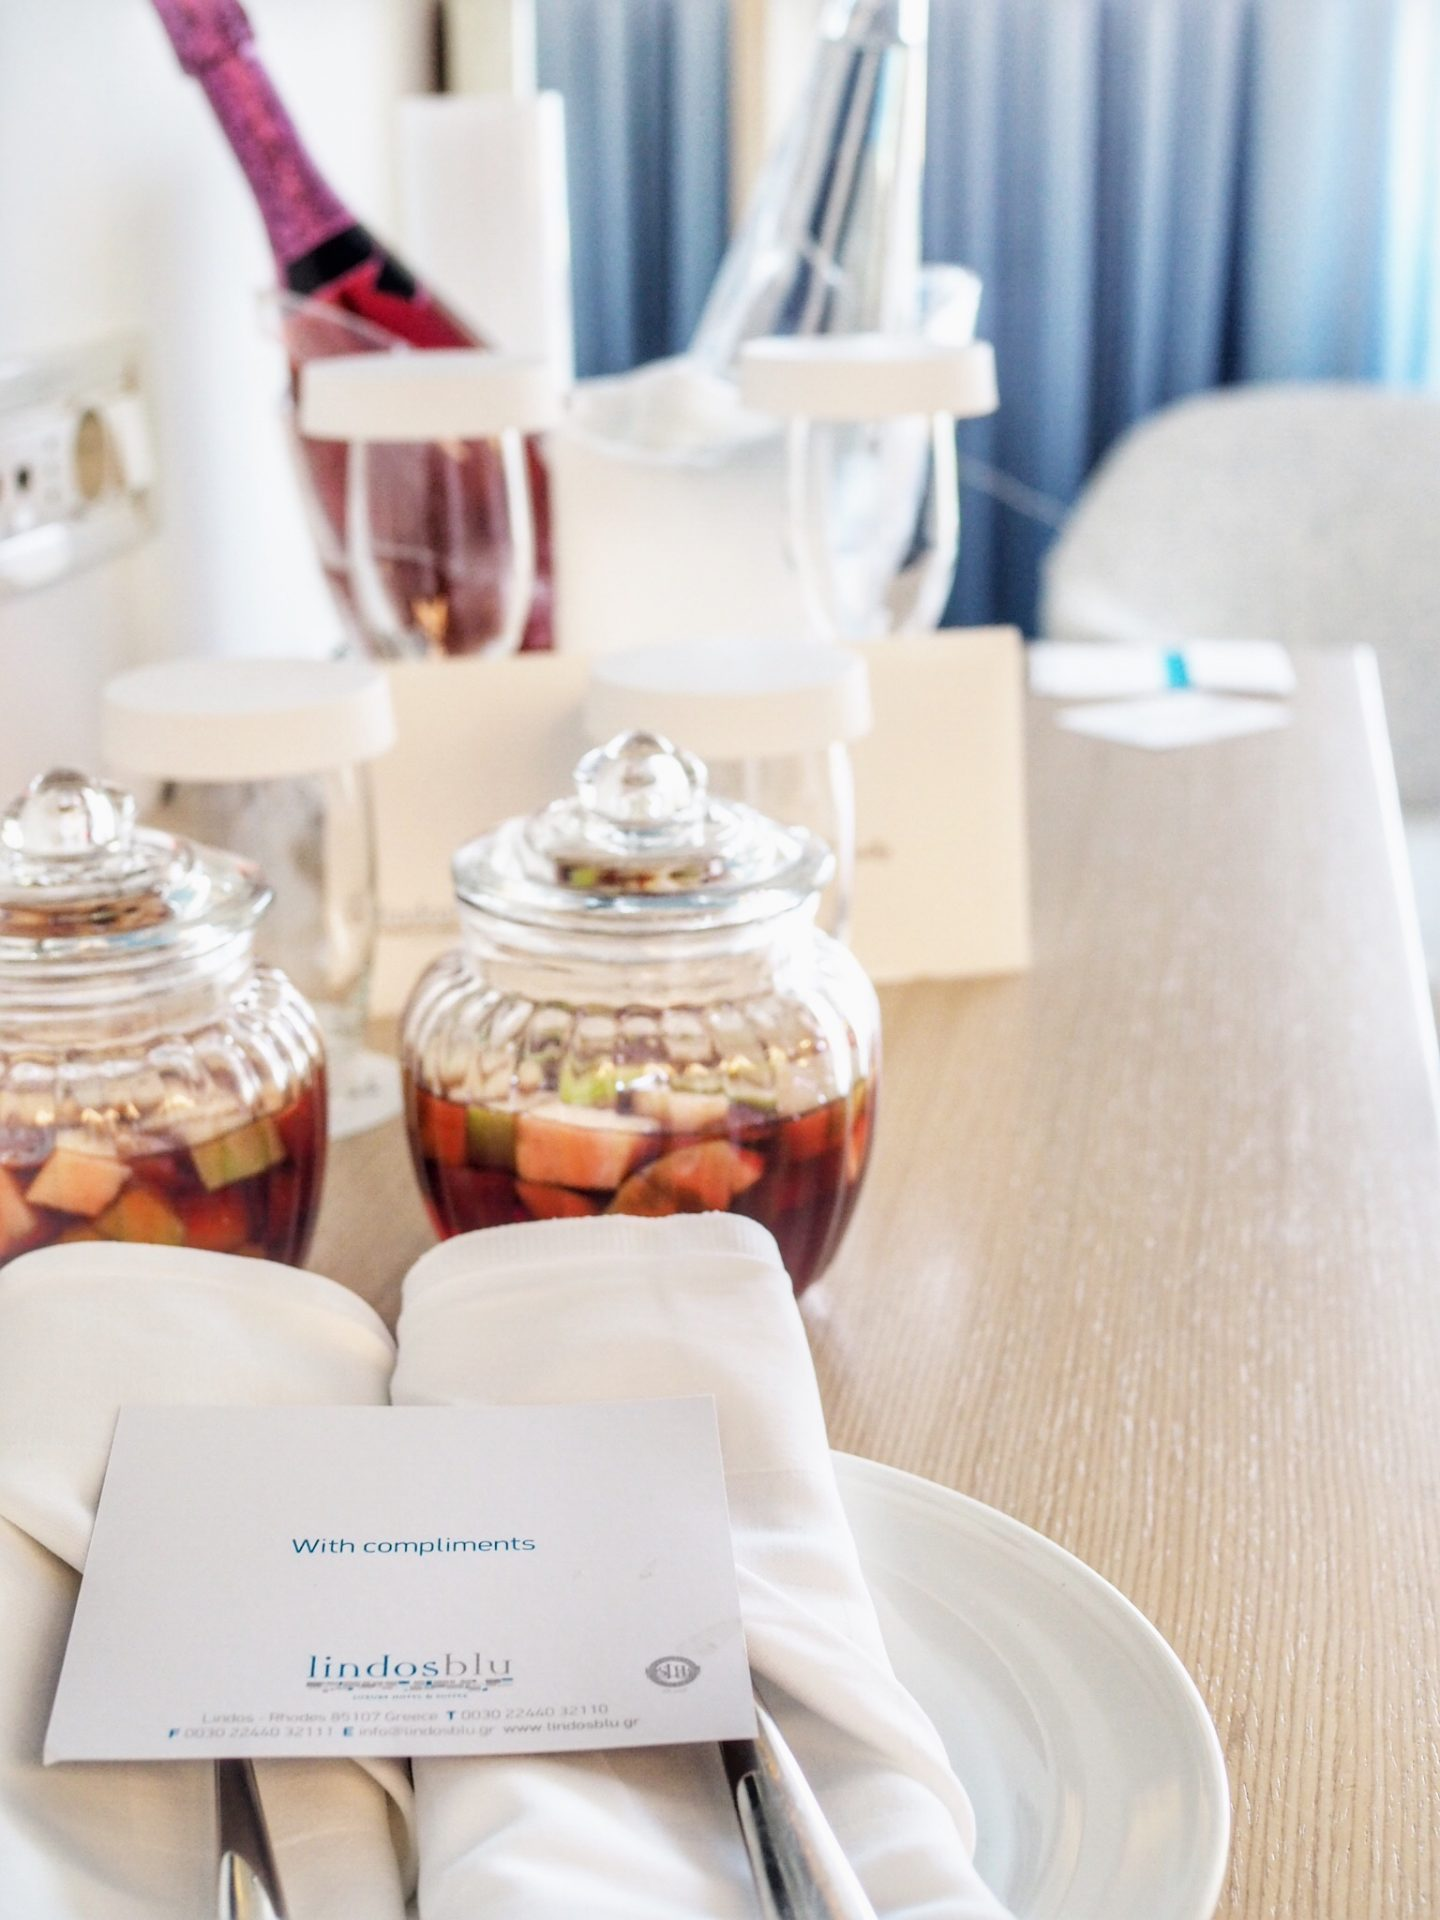 lindos-blu-luxury-hotel-rhodos-empfangsgetränk-travel-blog-missahoi